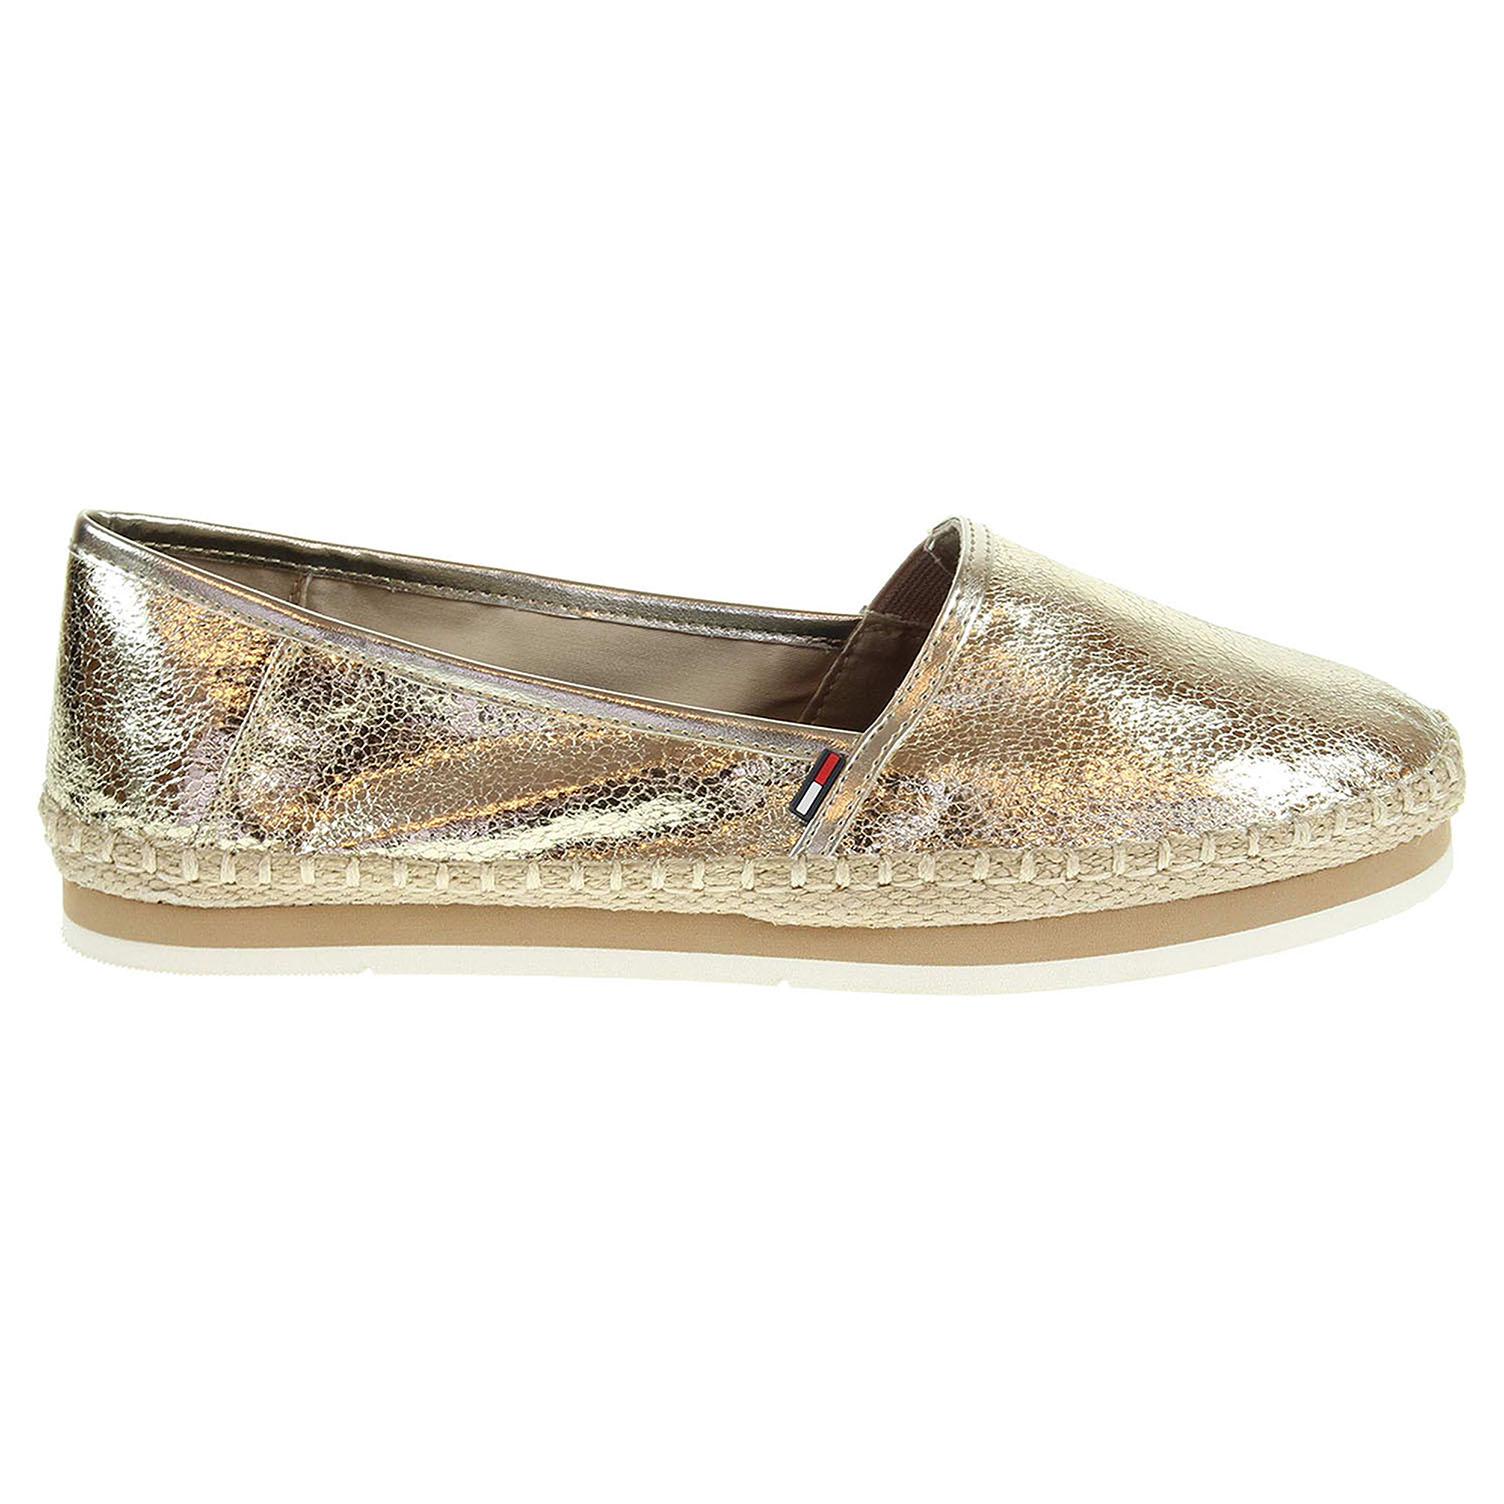 a585697572f Ecco Tommy Hilfiger dámská obuv FW0FW00797 S1385PY 1Z zlatá 23200685